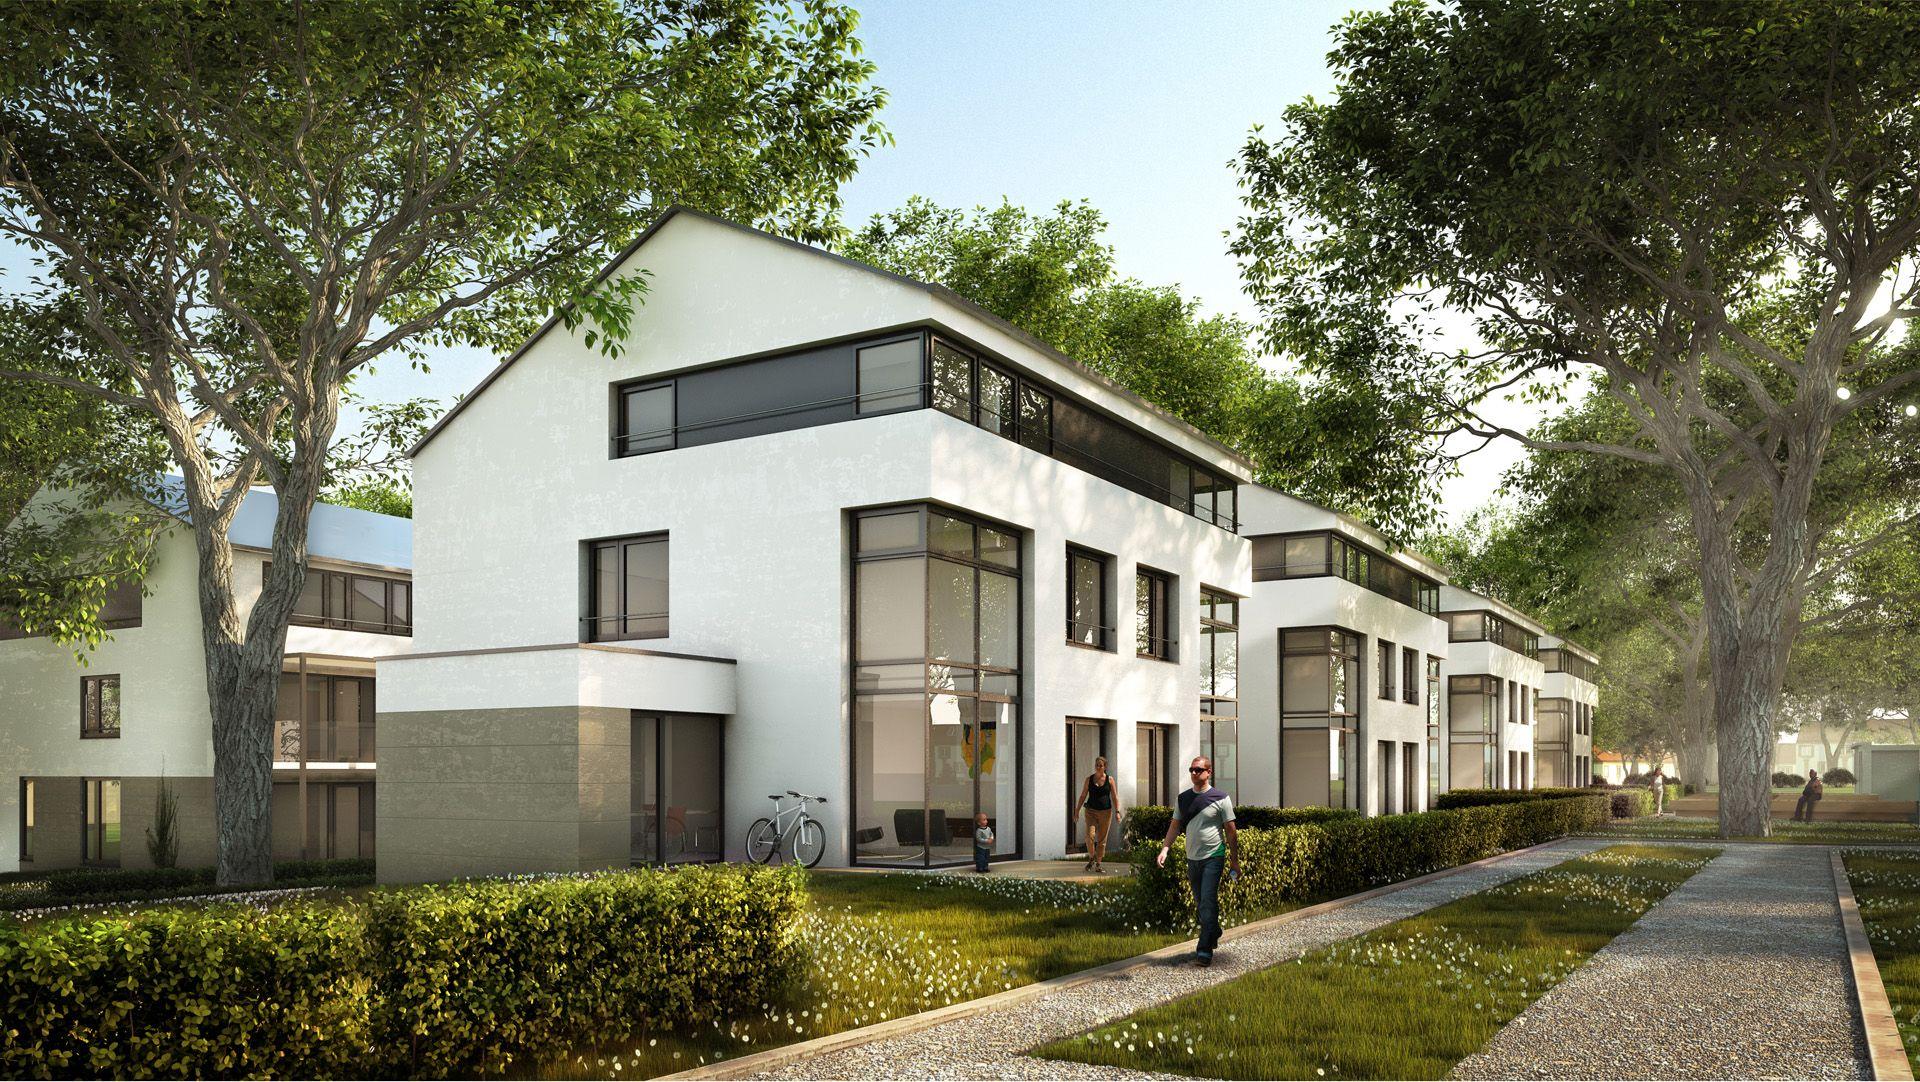 3d Visualisierung Stuttgart xoio gestaltet 3d visualisierung landschaftsplanung und